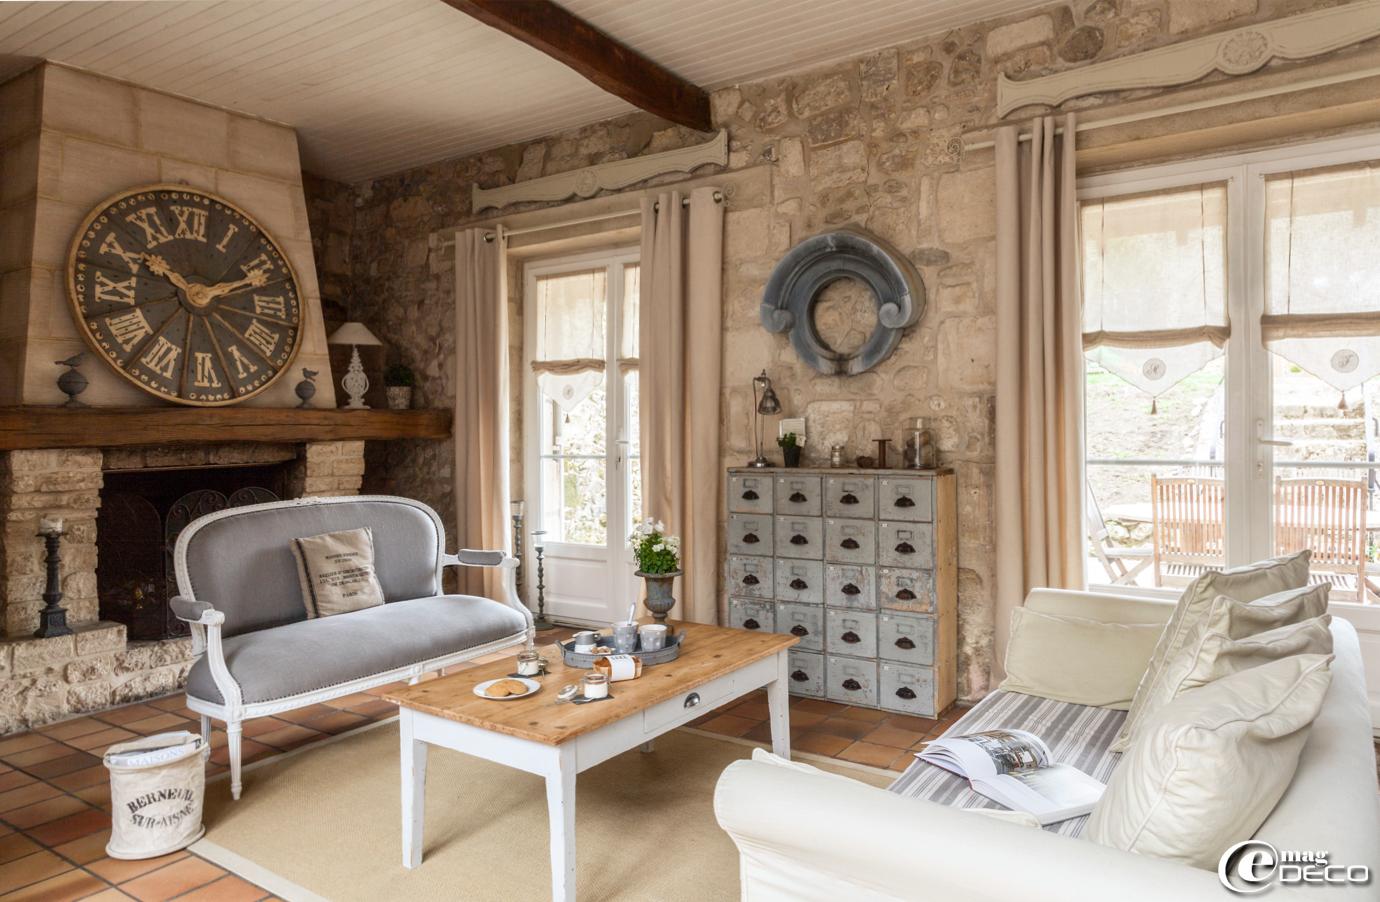 Canapé Convertible 3 Places Maison Du Monde Unique Image Canape Bois Et Chiffons Une Maison De Famille En Picar E Magdeco